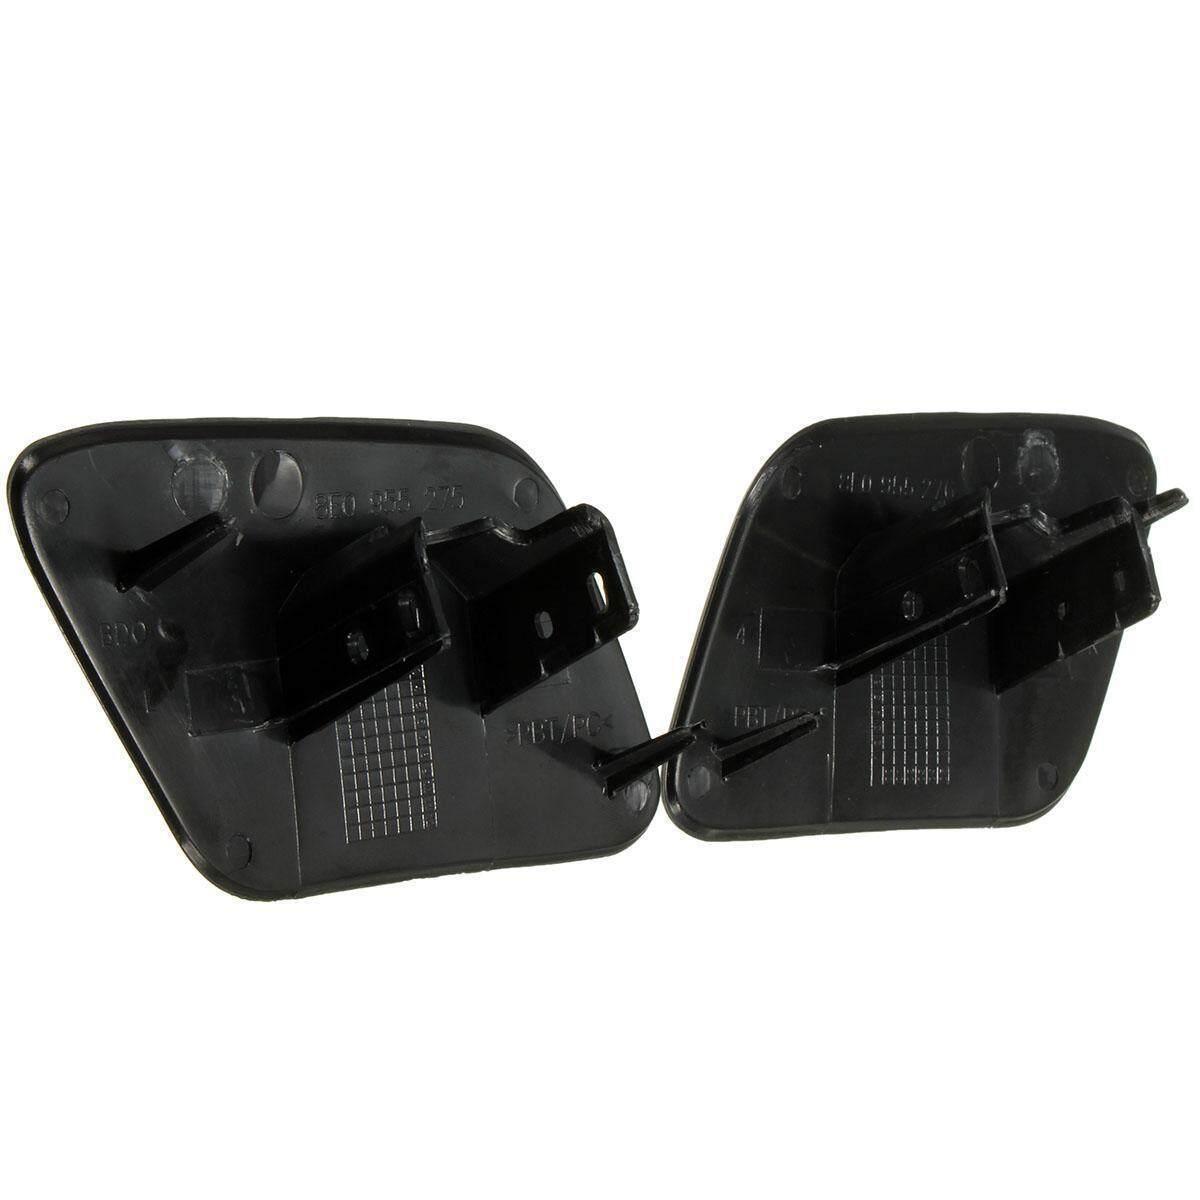 New Left + Right Bumper Headlight Headlamp Washer Cap Cover Audi A4 B6  Quatt (Black)